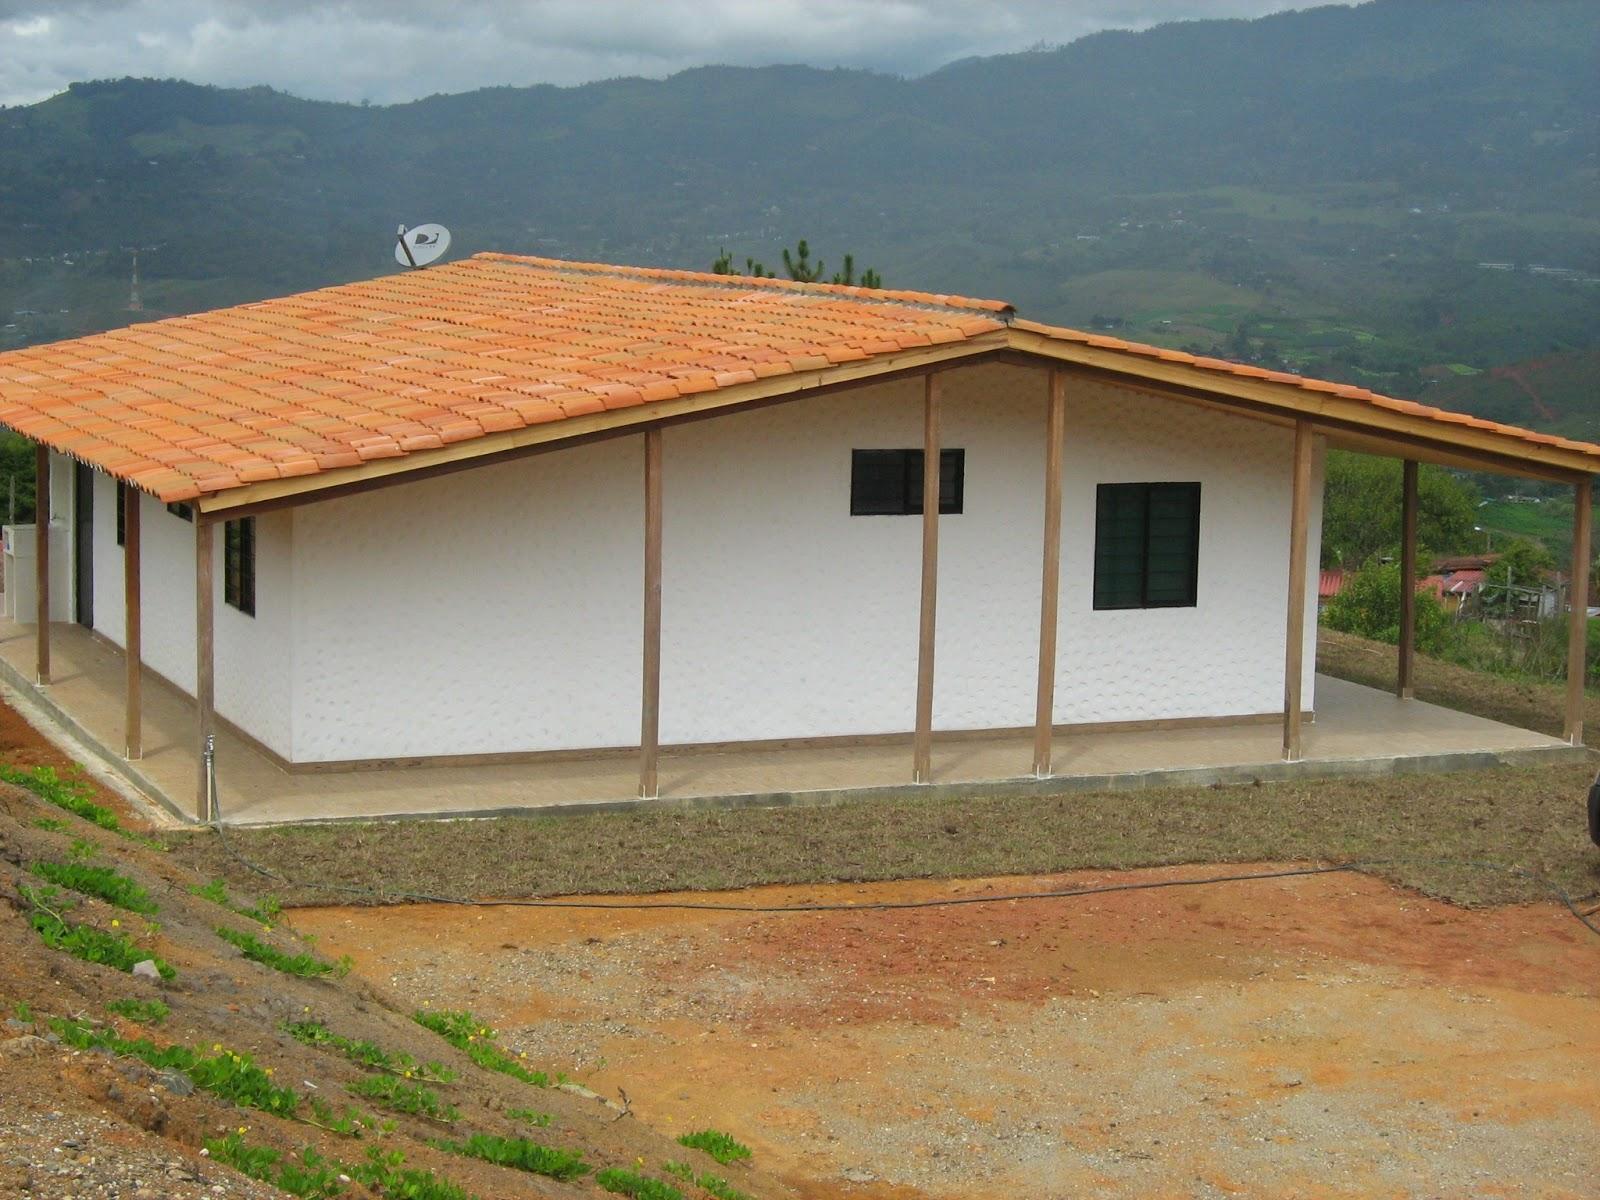 Casa 64 m2 casas prefabricadas cali colombia - Casas sostenibles precios ...